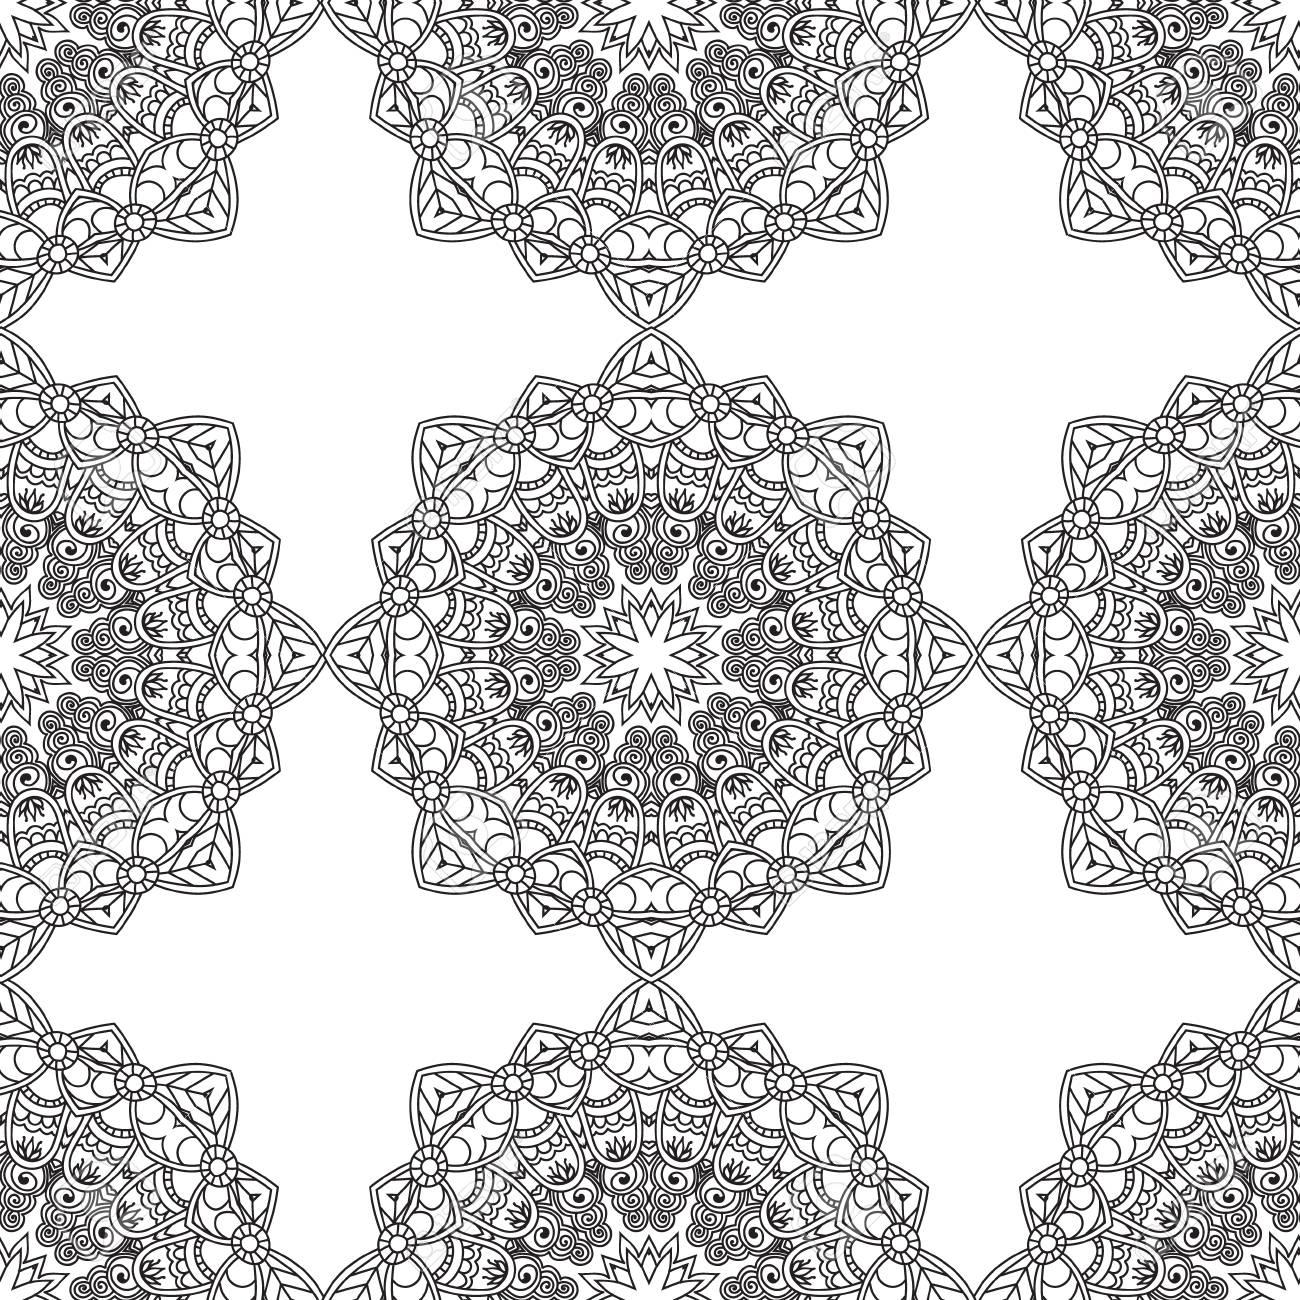 Páginas Para Colorir Para Adultos Livro De Colorir Mão Decorativos Doodle Desenhado Natureza Mandala Ornamental Vector Esboçado Zentangle Sem